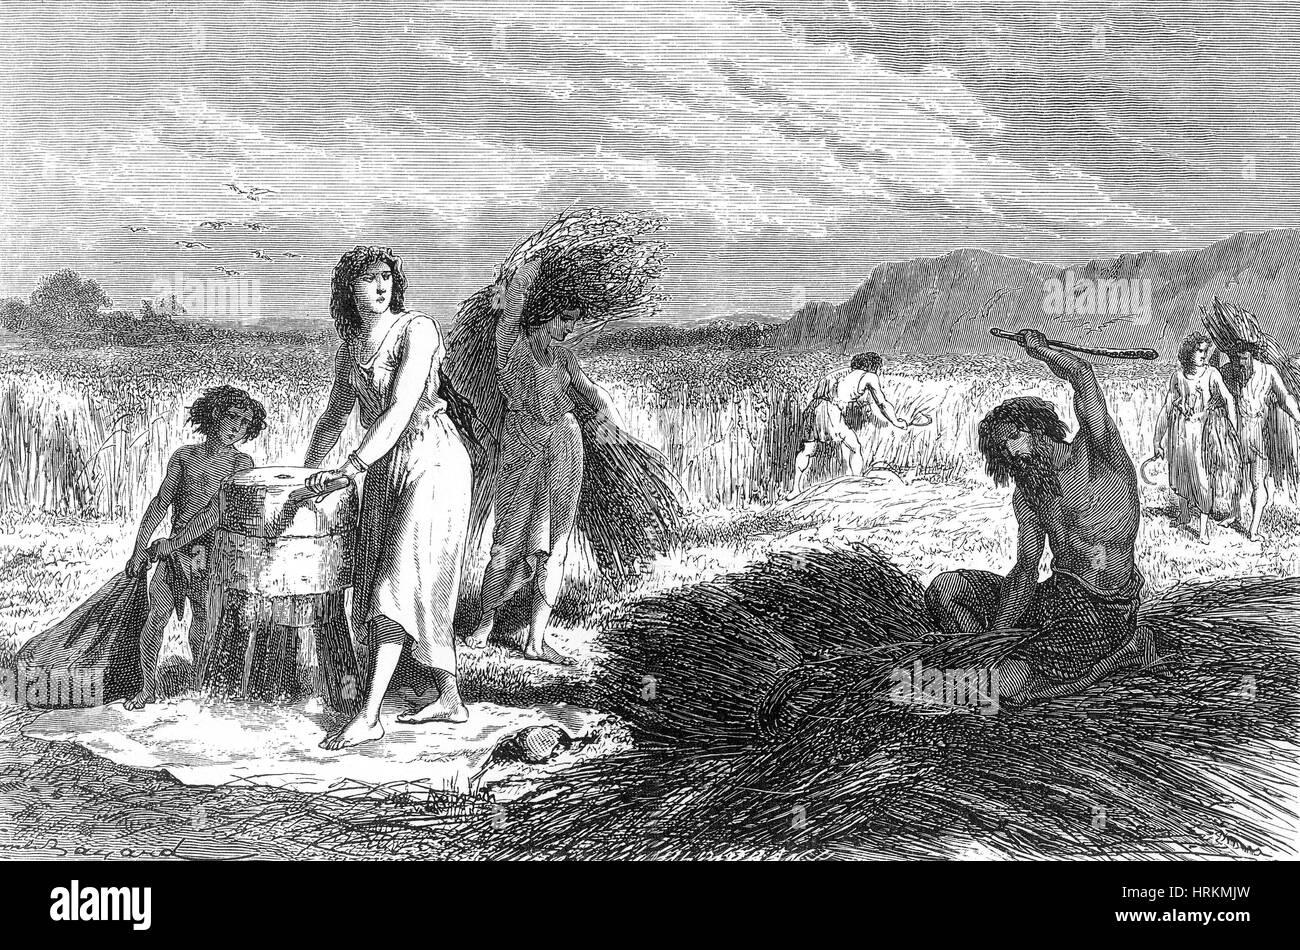 Urmenschen, Eisen Alter Landwirtschaft Stockbild